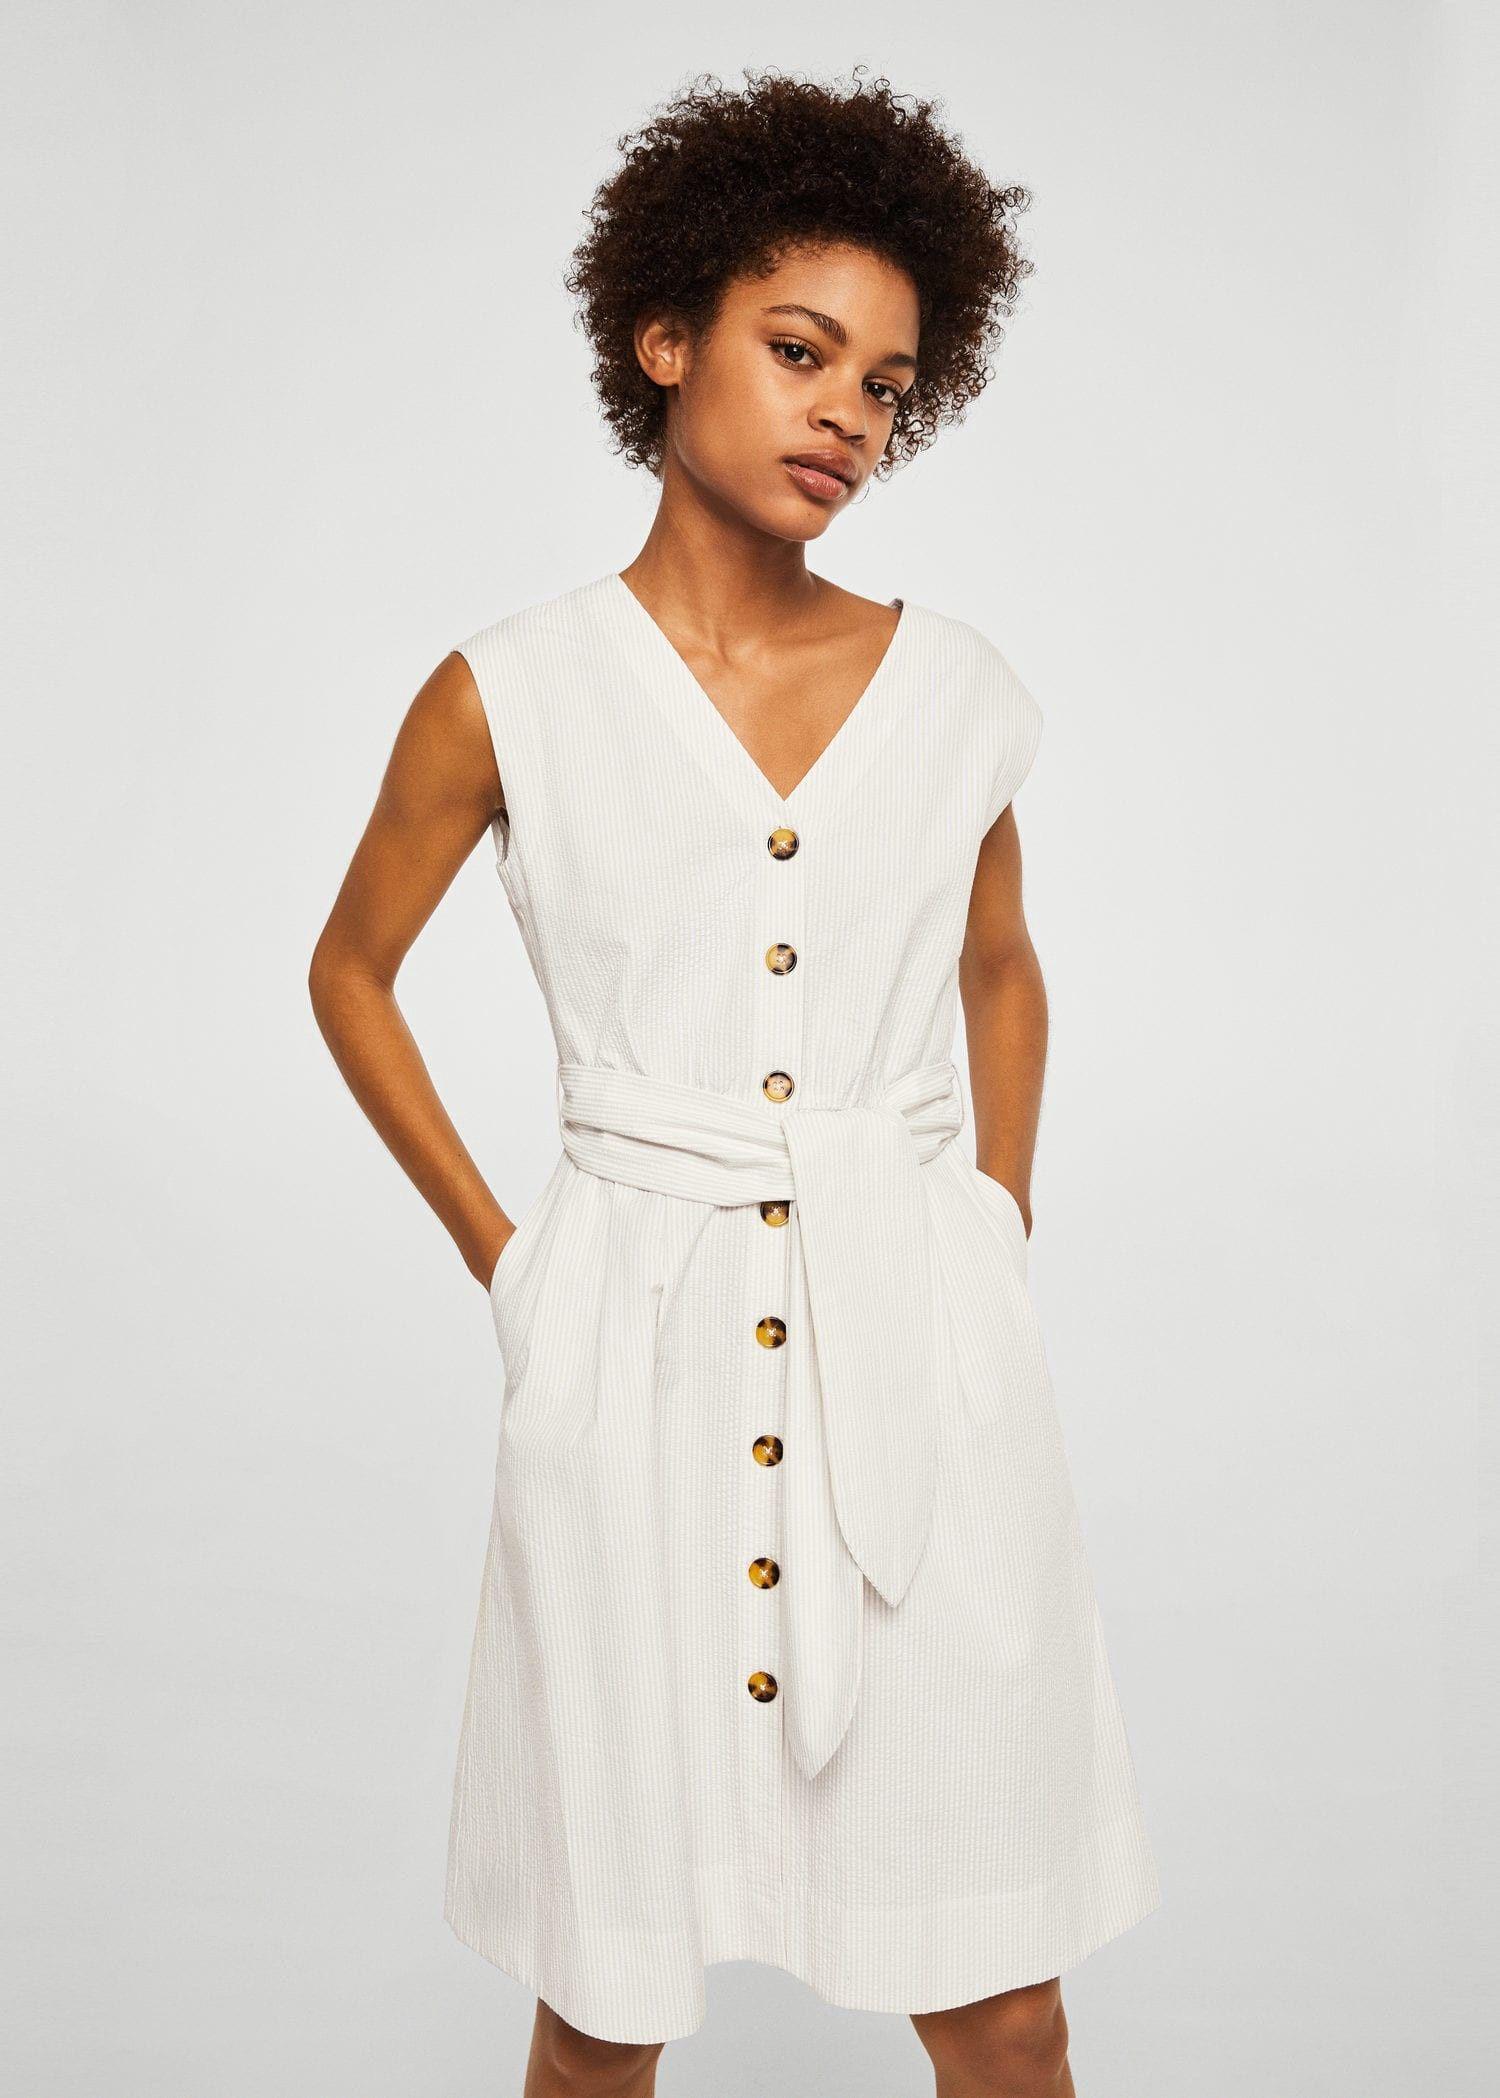 Mango Textured Bow Dress - Women  7a96a0142